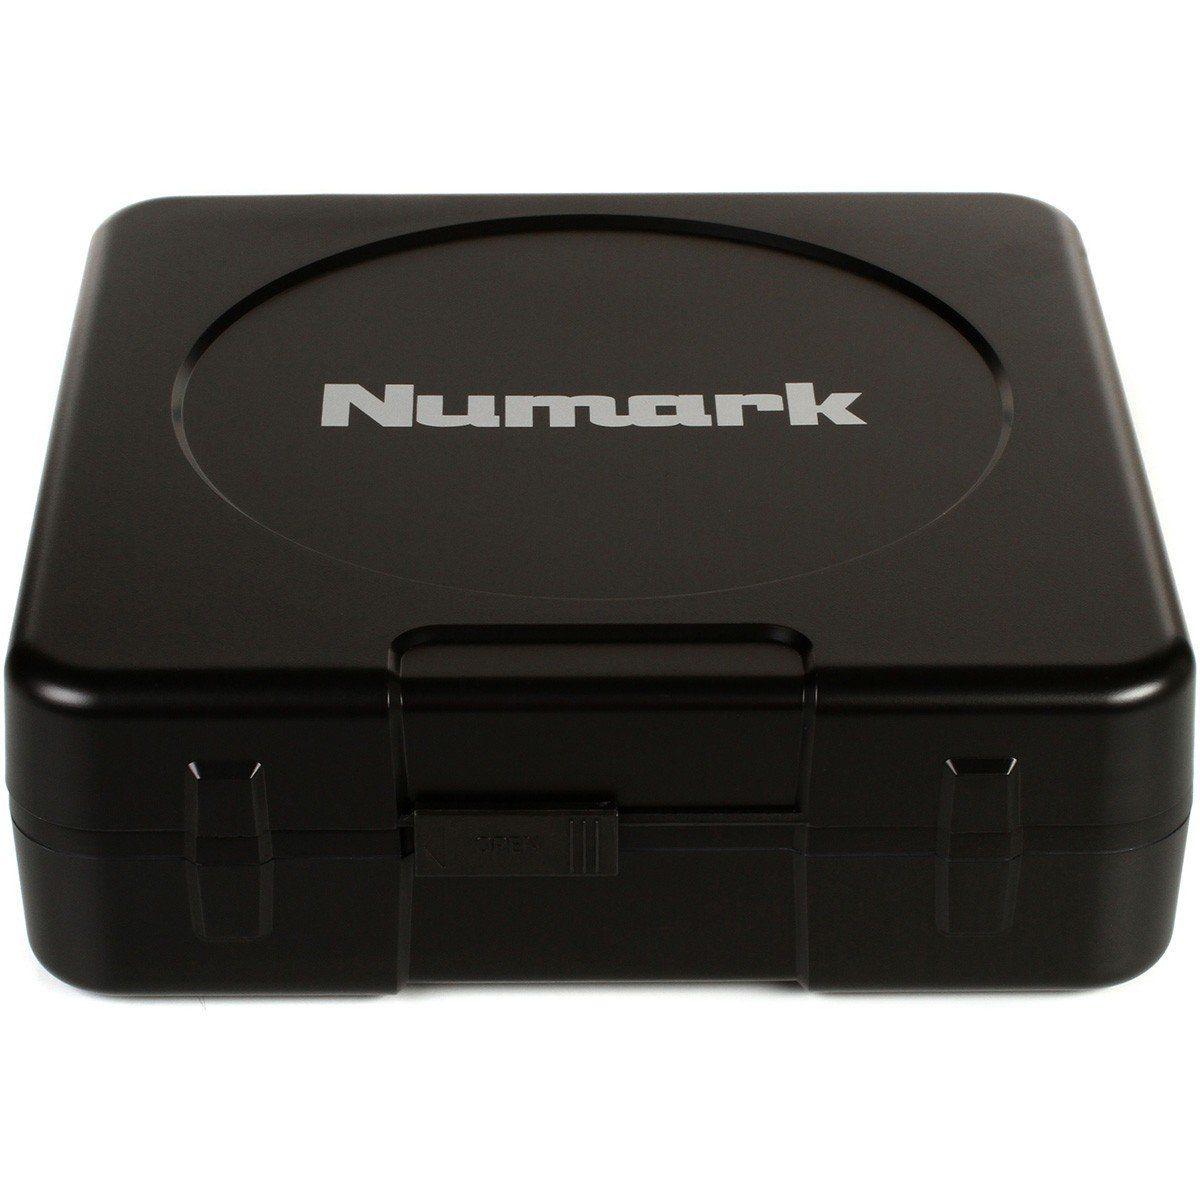 Numark PT-01 Toca Discos Numark PT 01 Usb torq